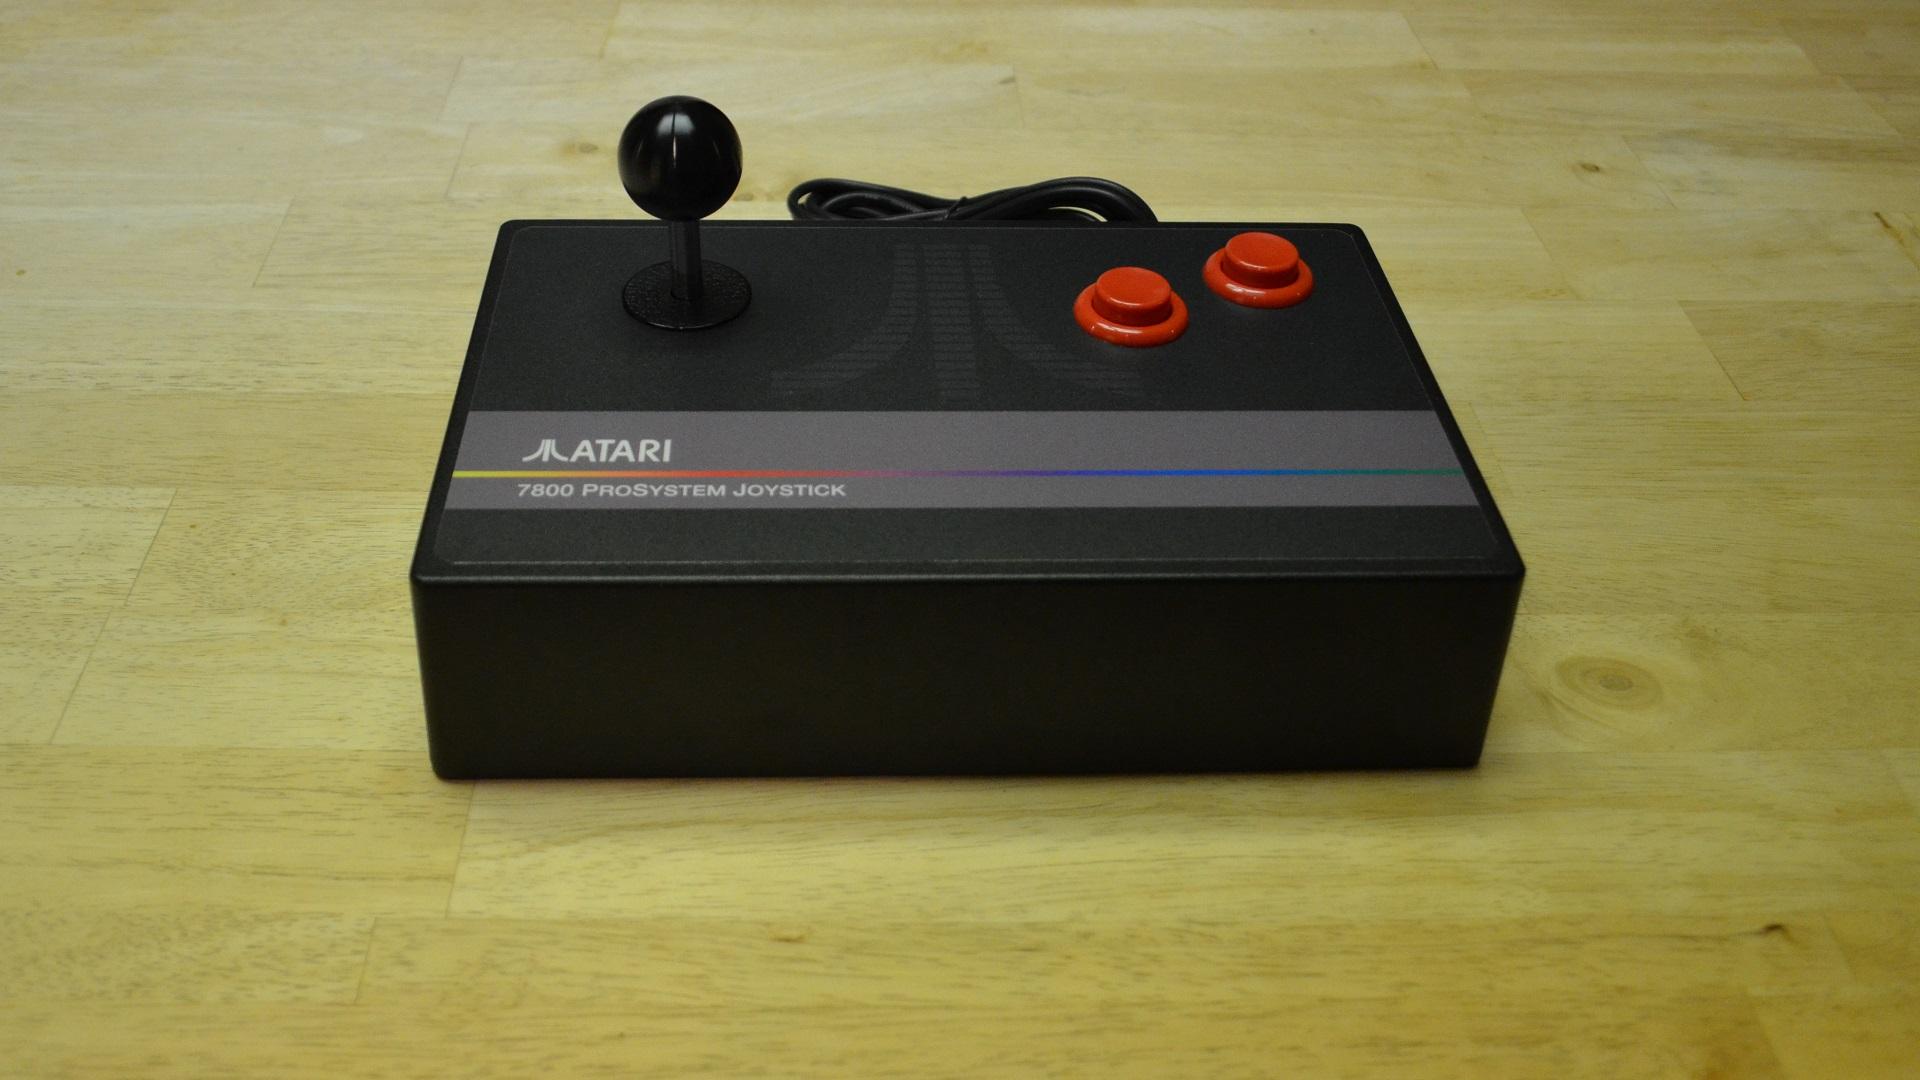 The 7800 ProSystem Joystick